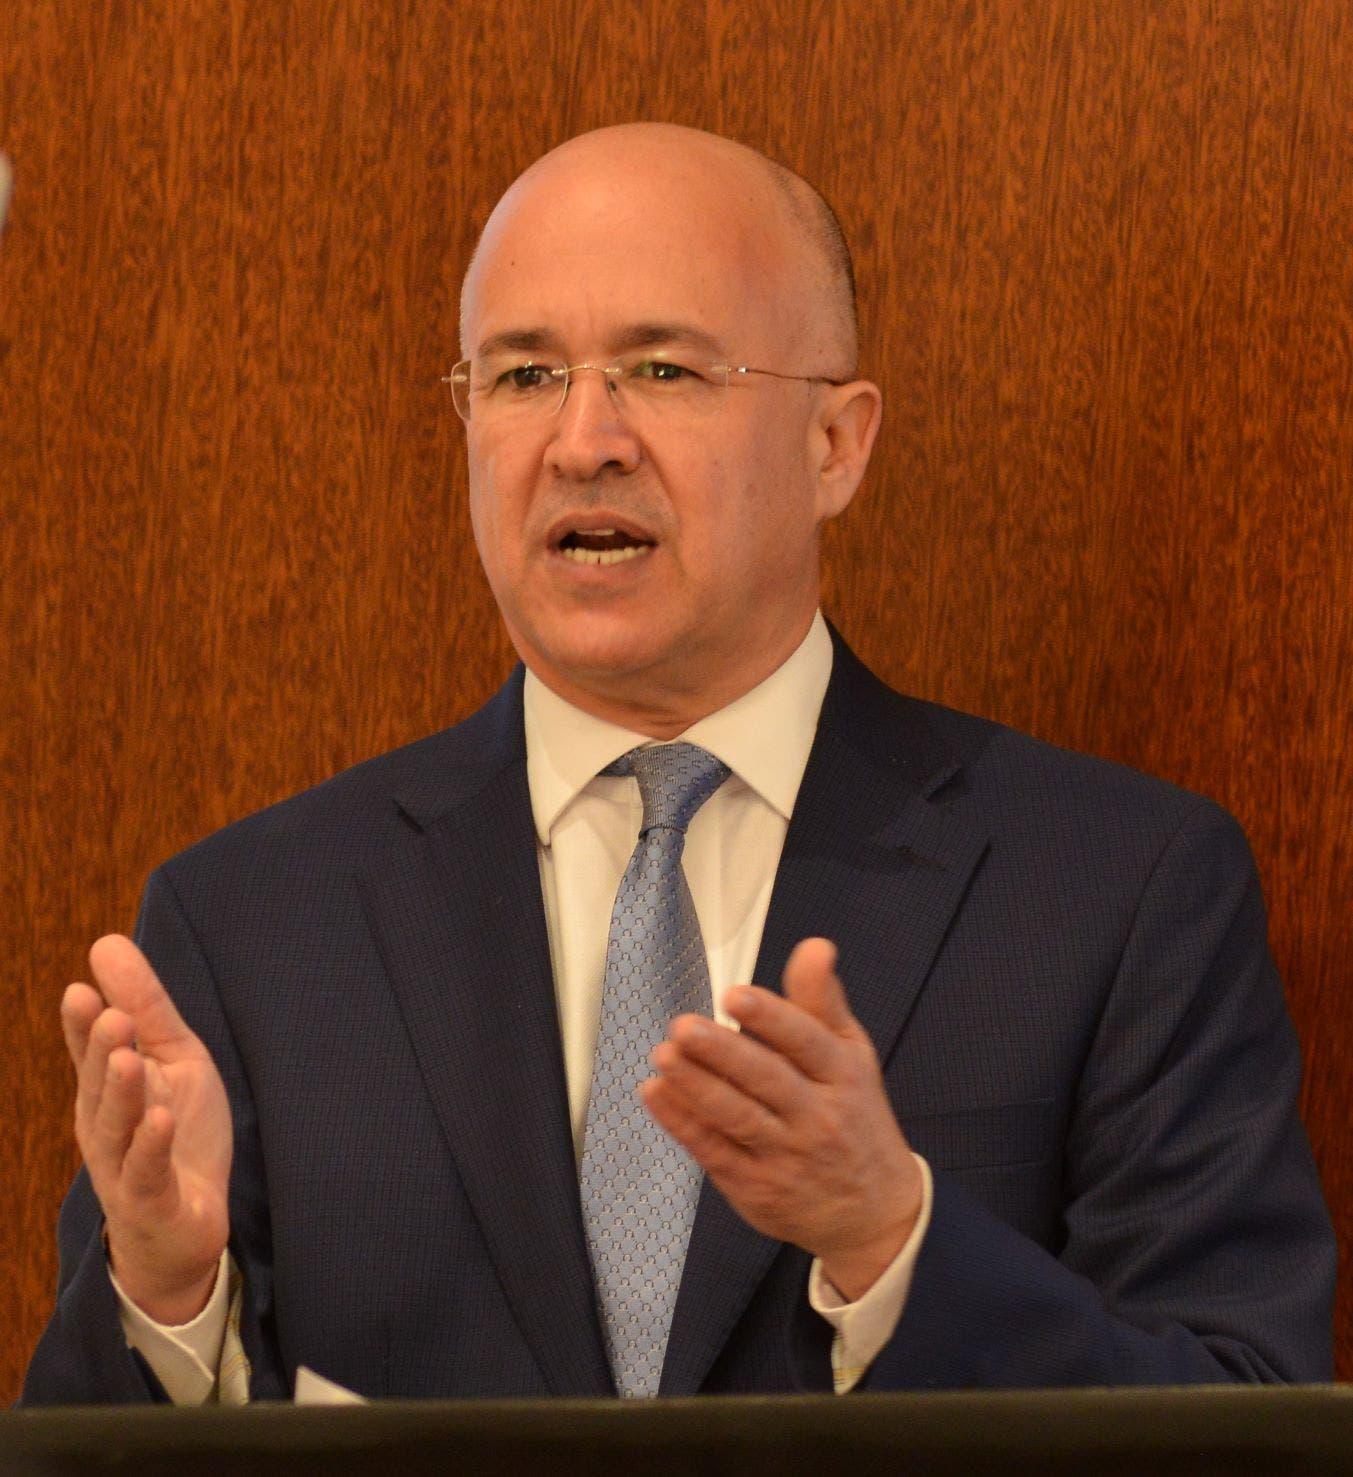 Domínguez Brito ve mensaje positivo del presidente Danilo Medina